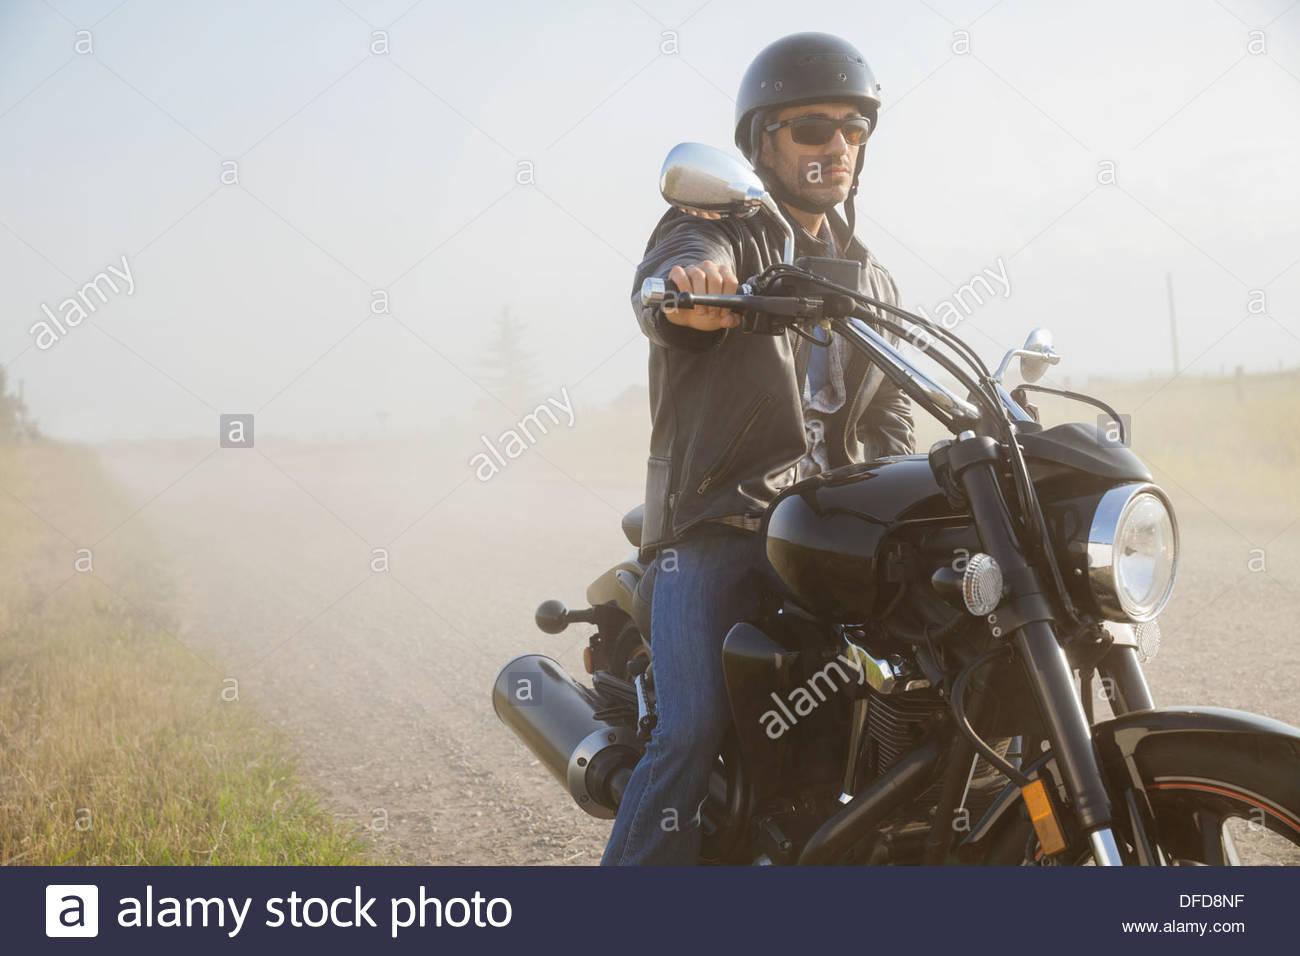 Male biker taking a break on country road - Stock Image